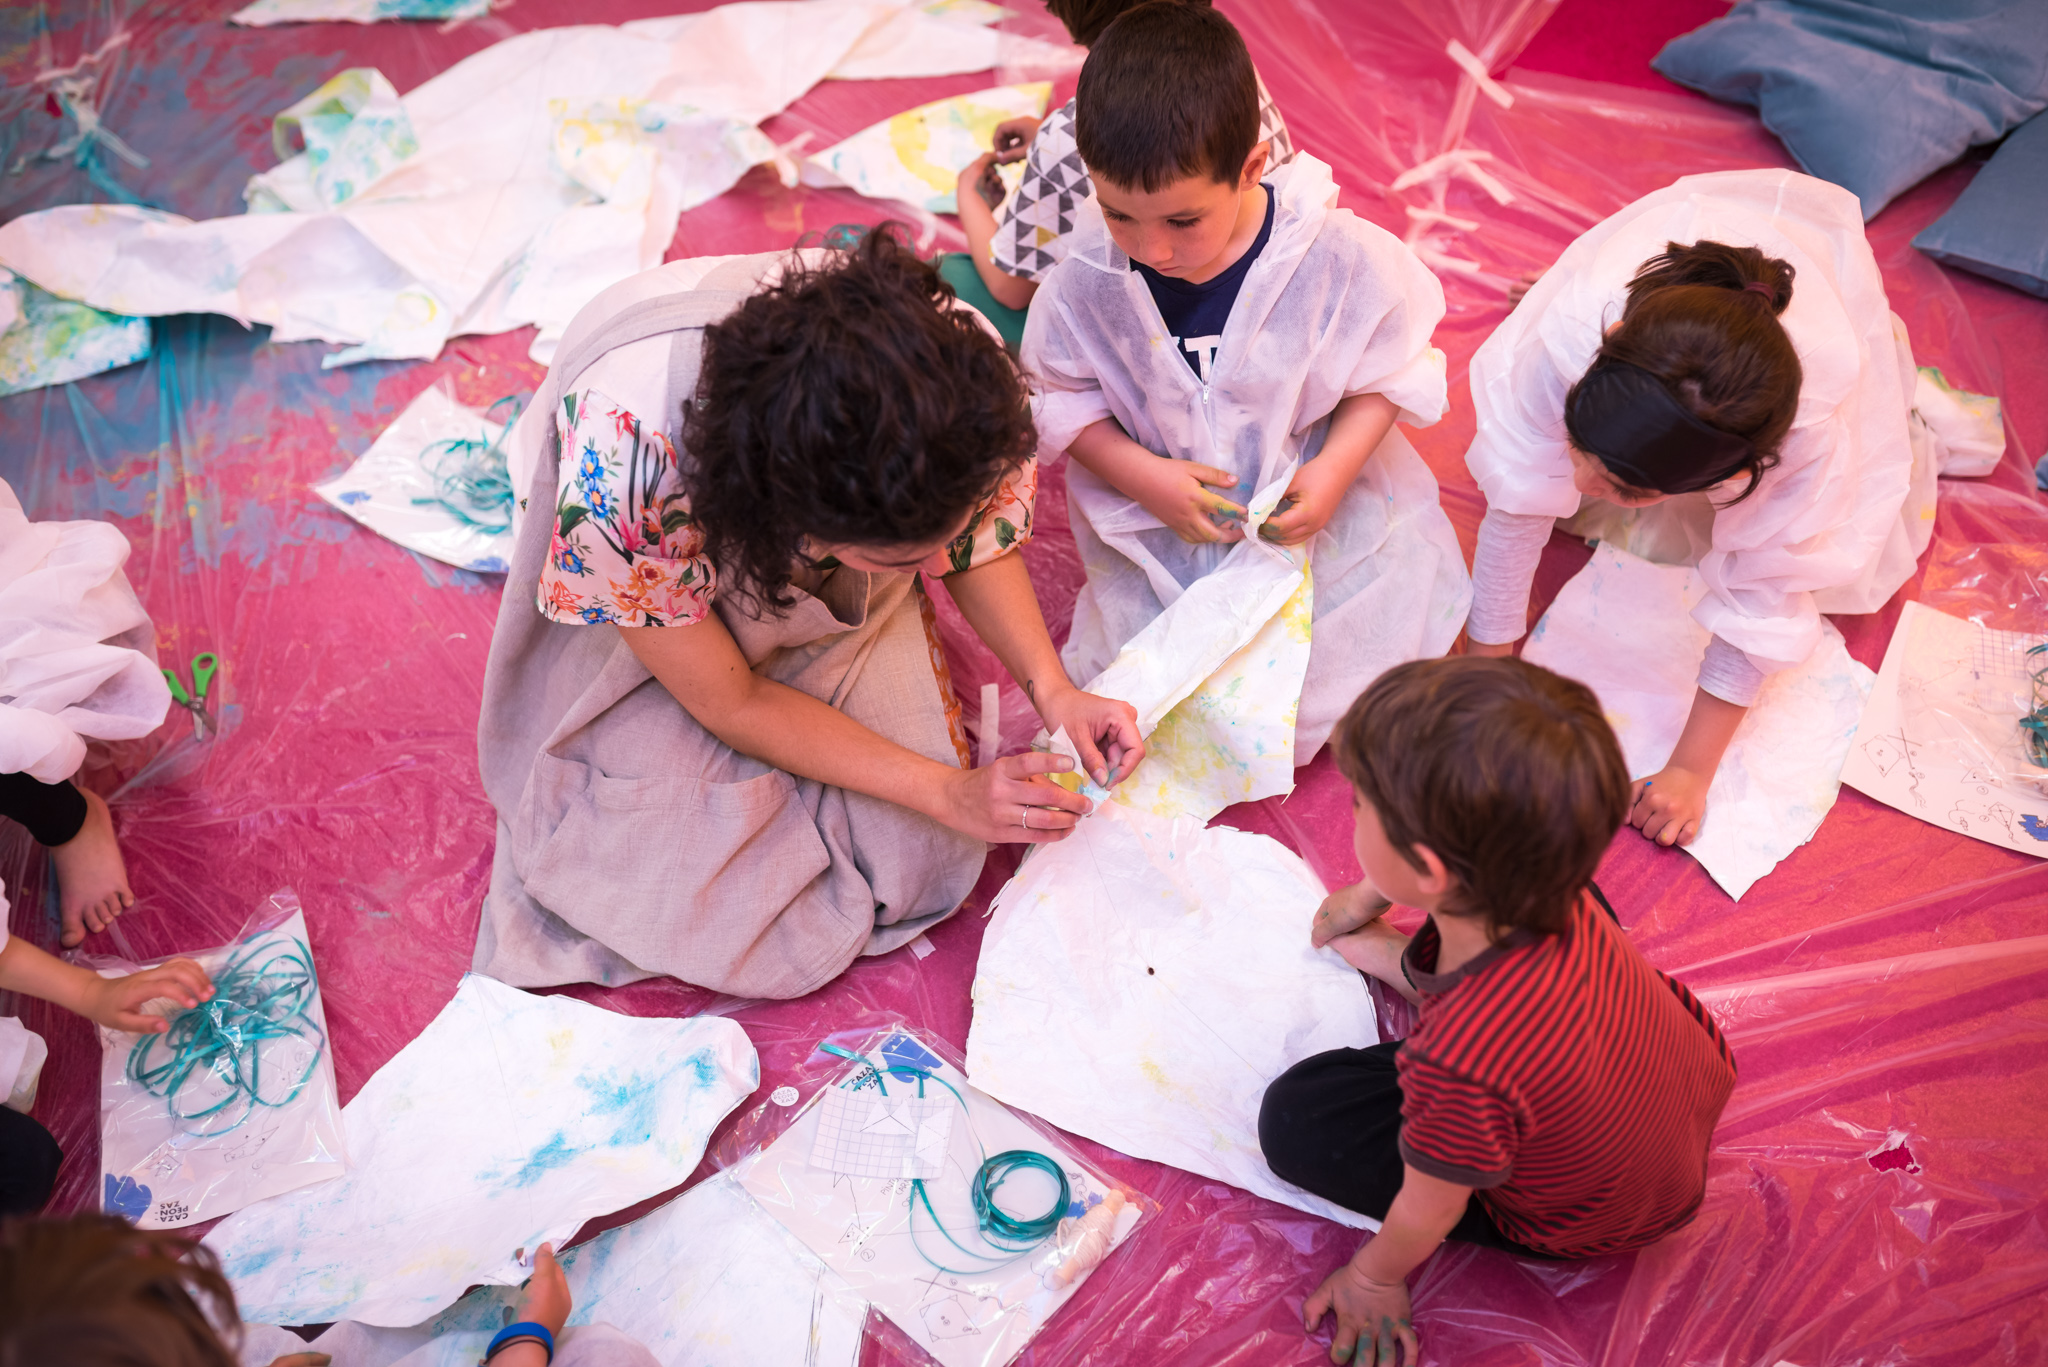 Vista superior de un grupo de niñas y ninos que, junto a María, realizan manualidades con tela y pintura.